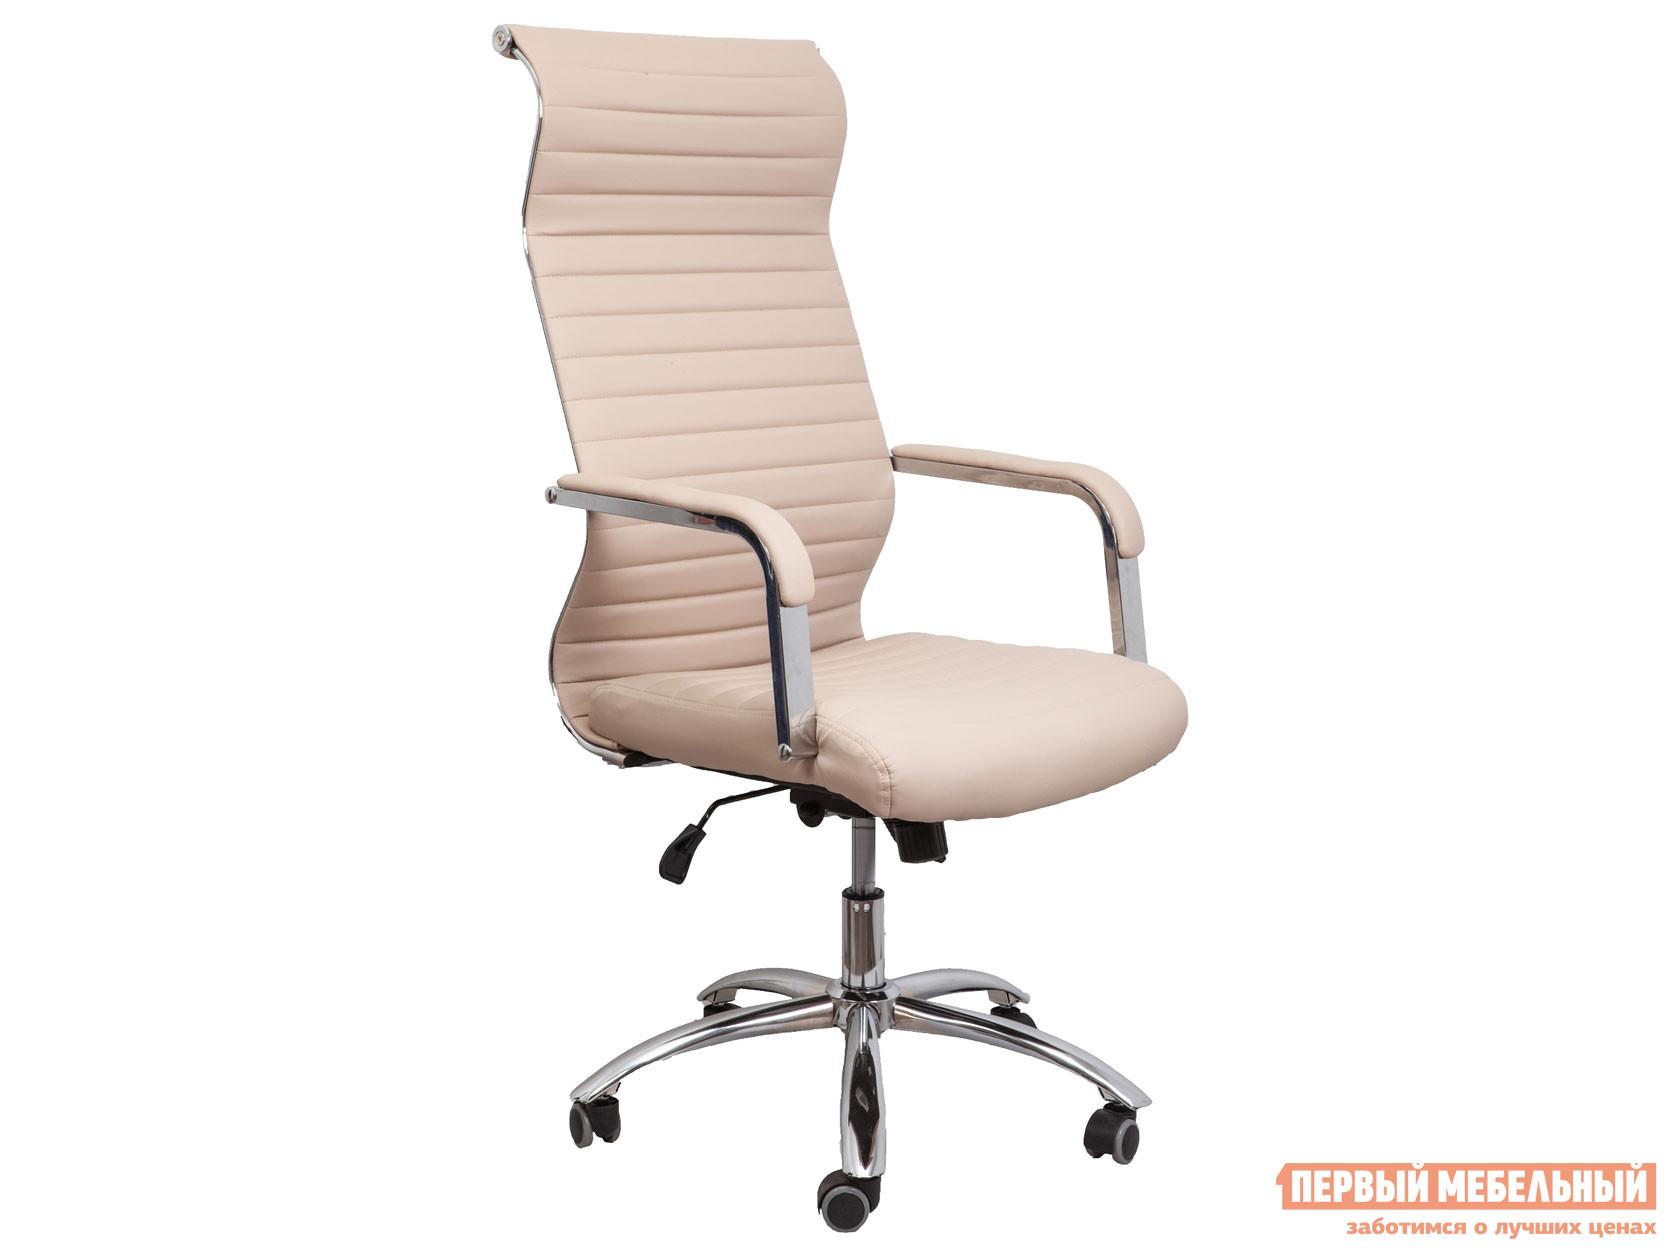 Кресло руководителя Первый Мебельный Кресло руководителя GRID A